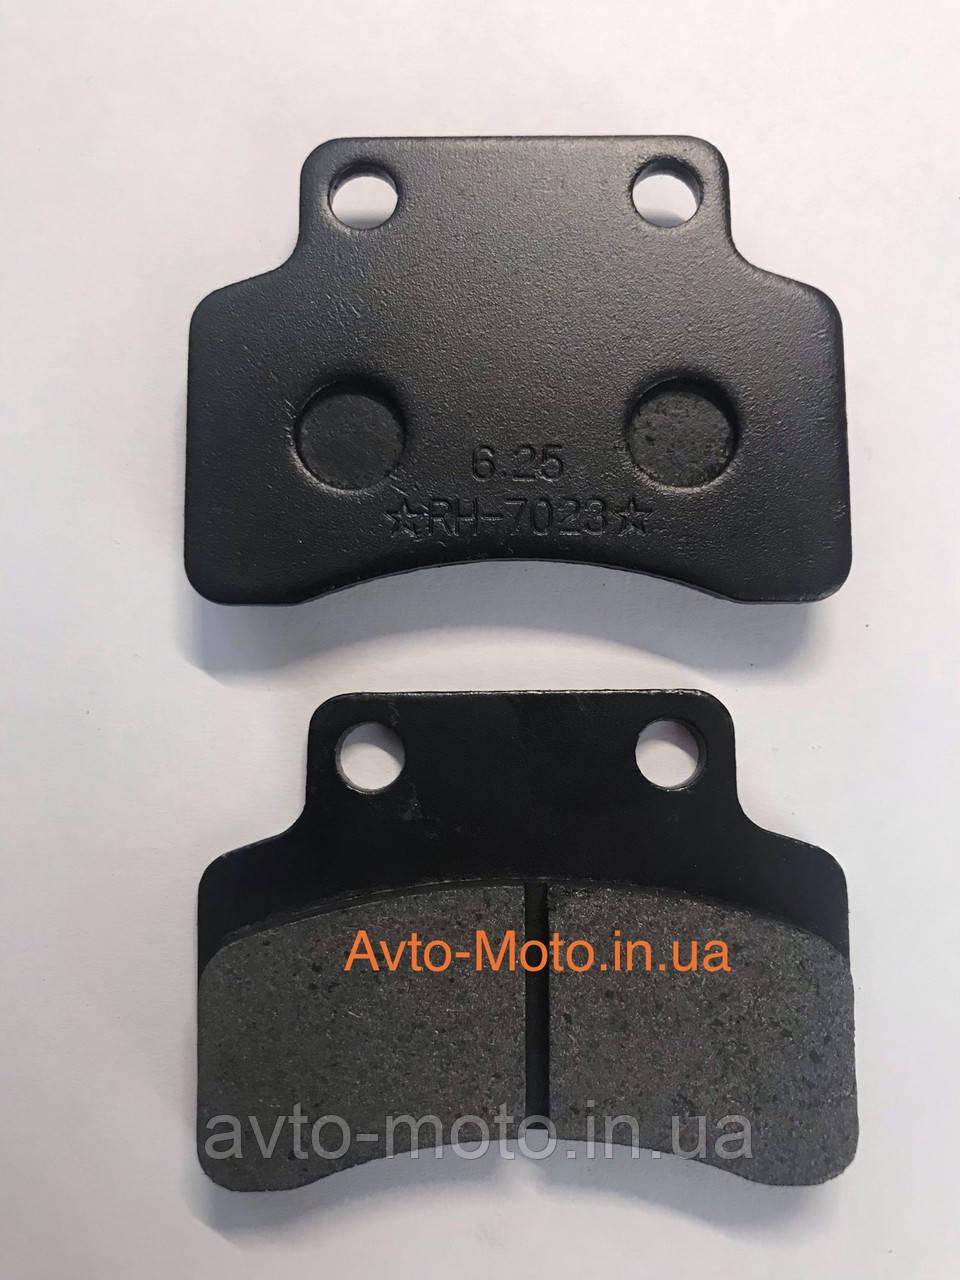 Колодки дискового переднего тормоза GY6 50-150